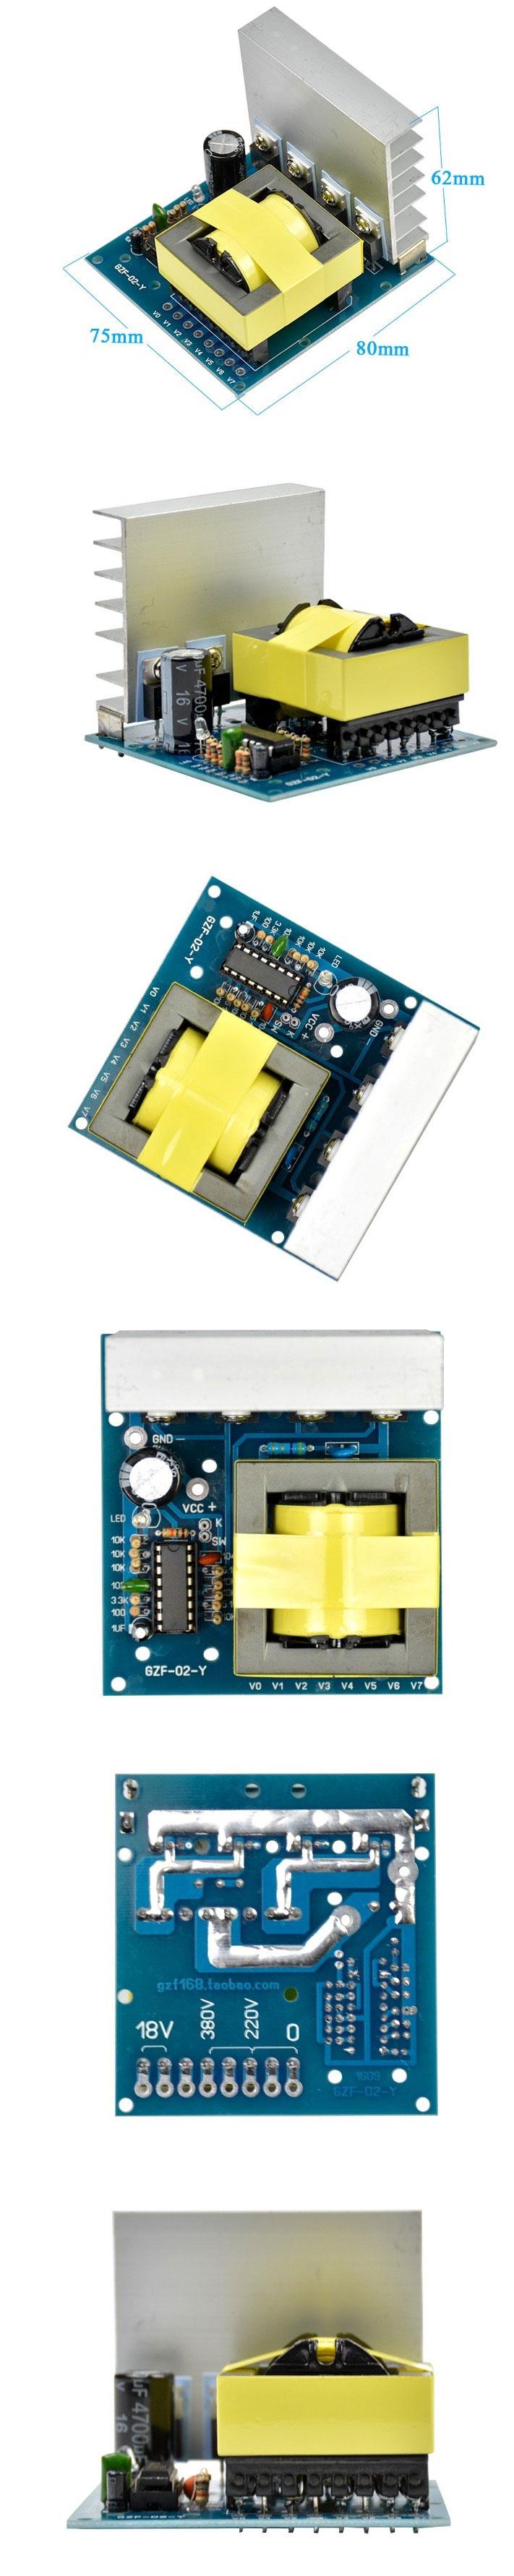 BTE-430 przetwornica napięcia DC to AC 12V to 220V inwerter